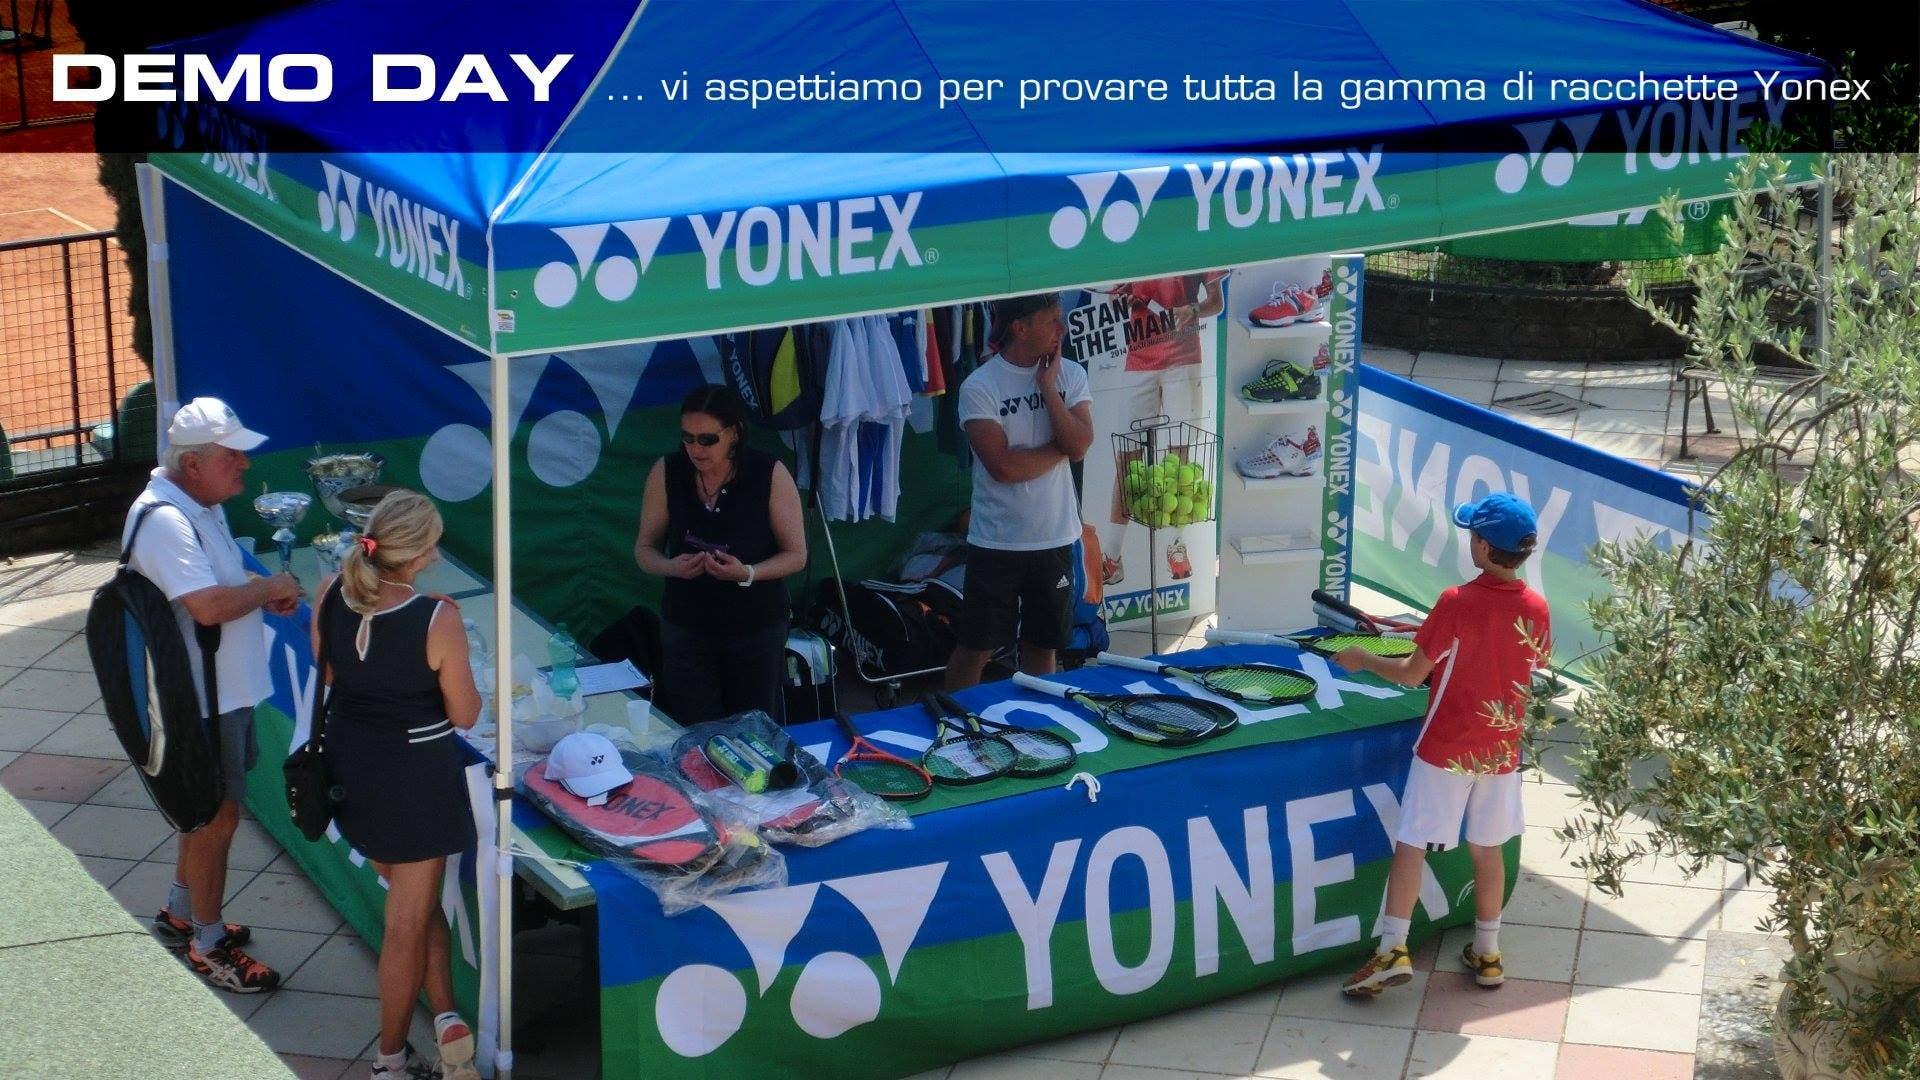 Yonex demo day a Roma: prova tutte le nuove racchette Yonex